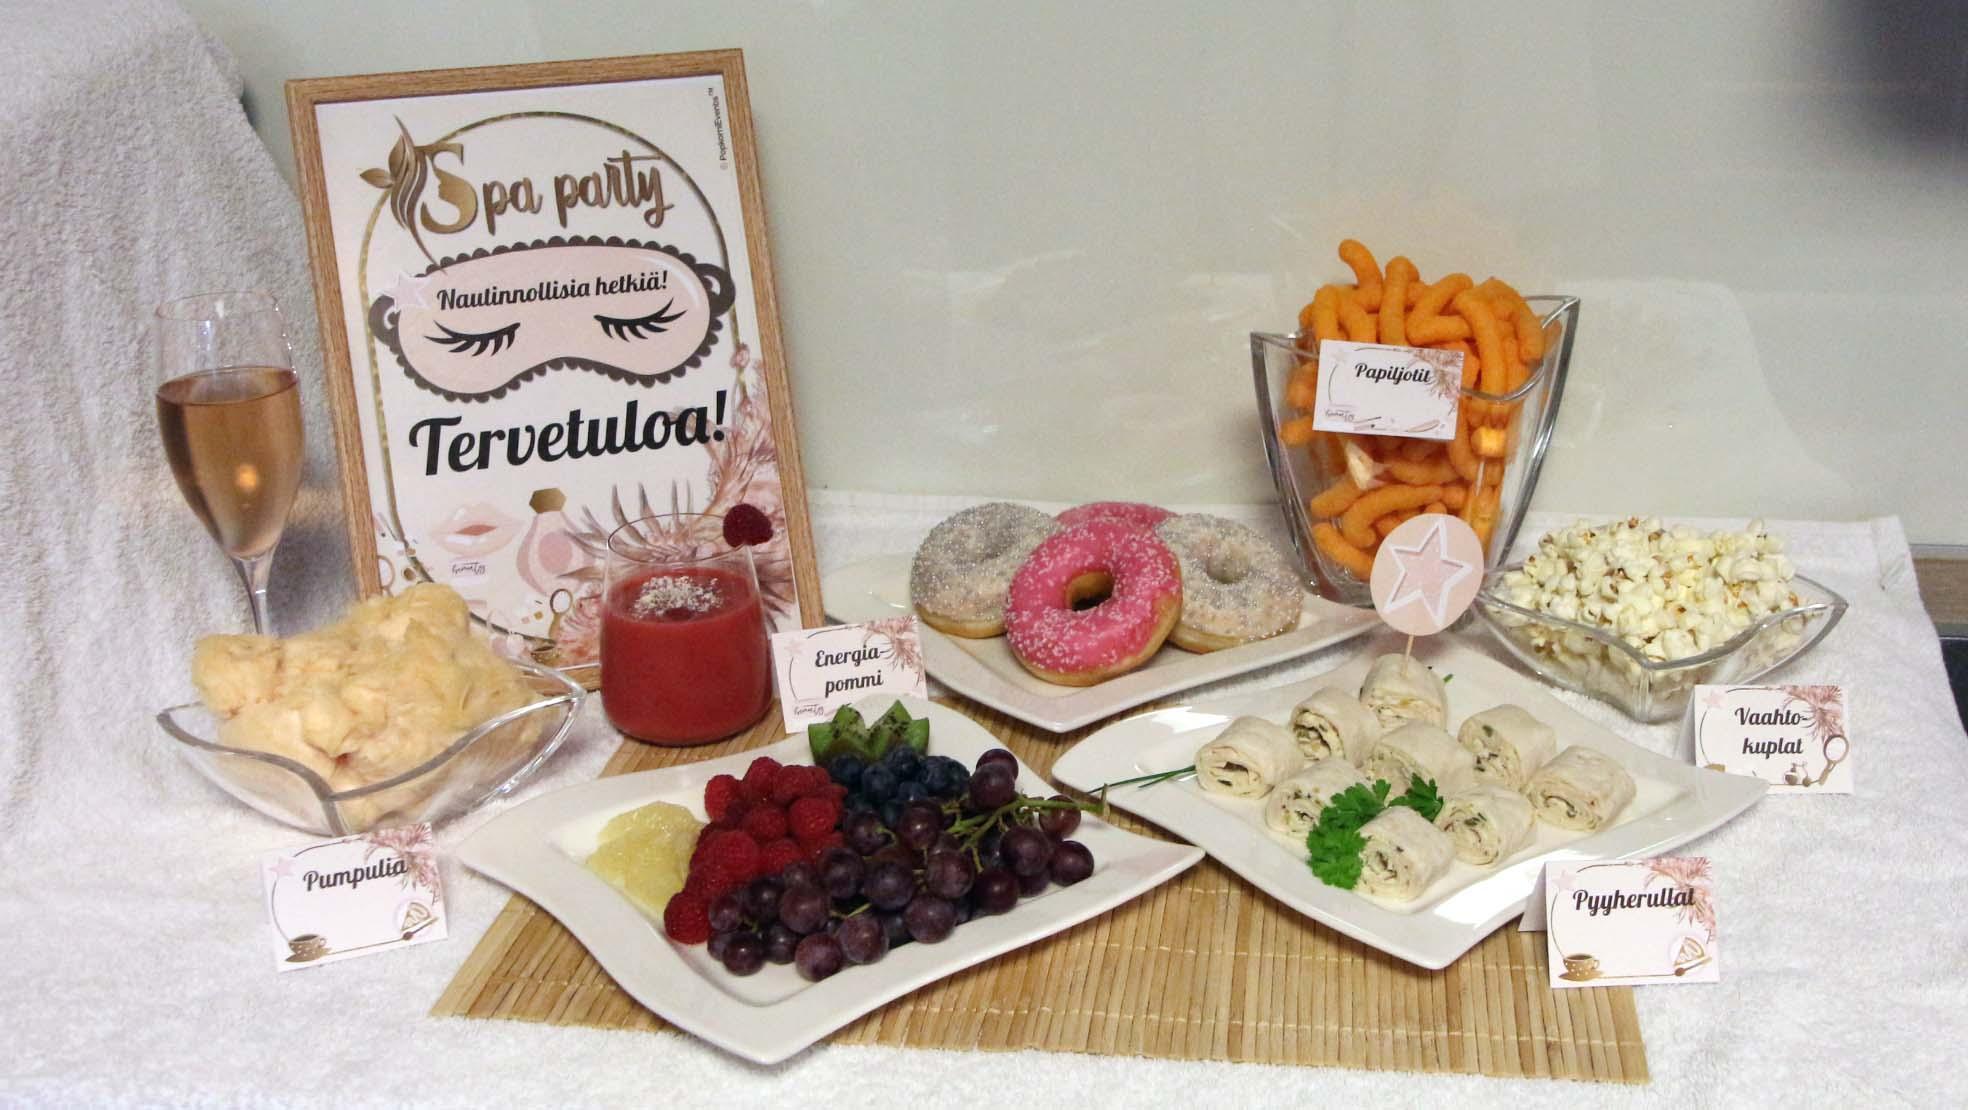 Spa Party digitaaliset lastenjuhlat ruokapöytäidea